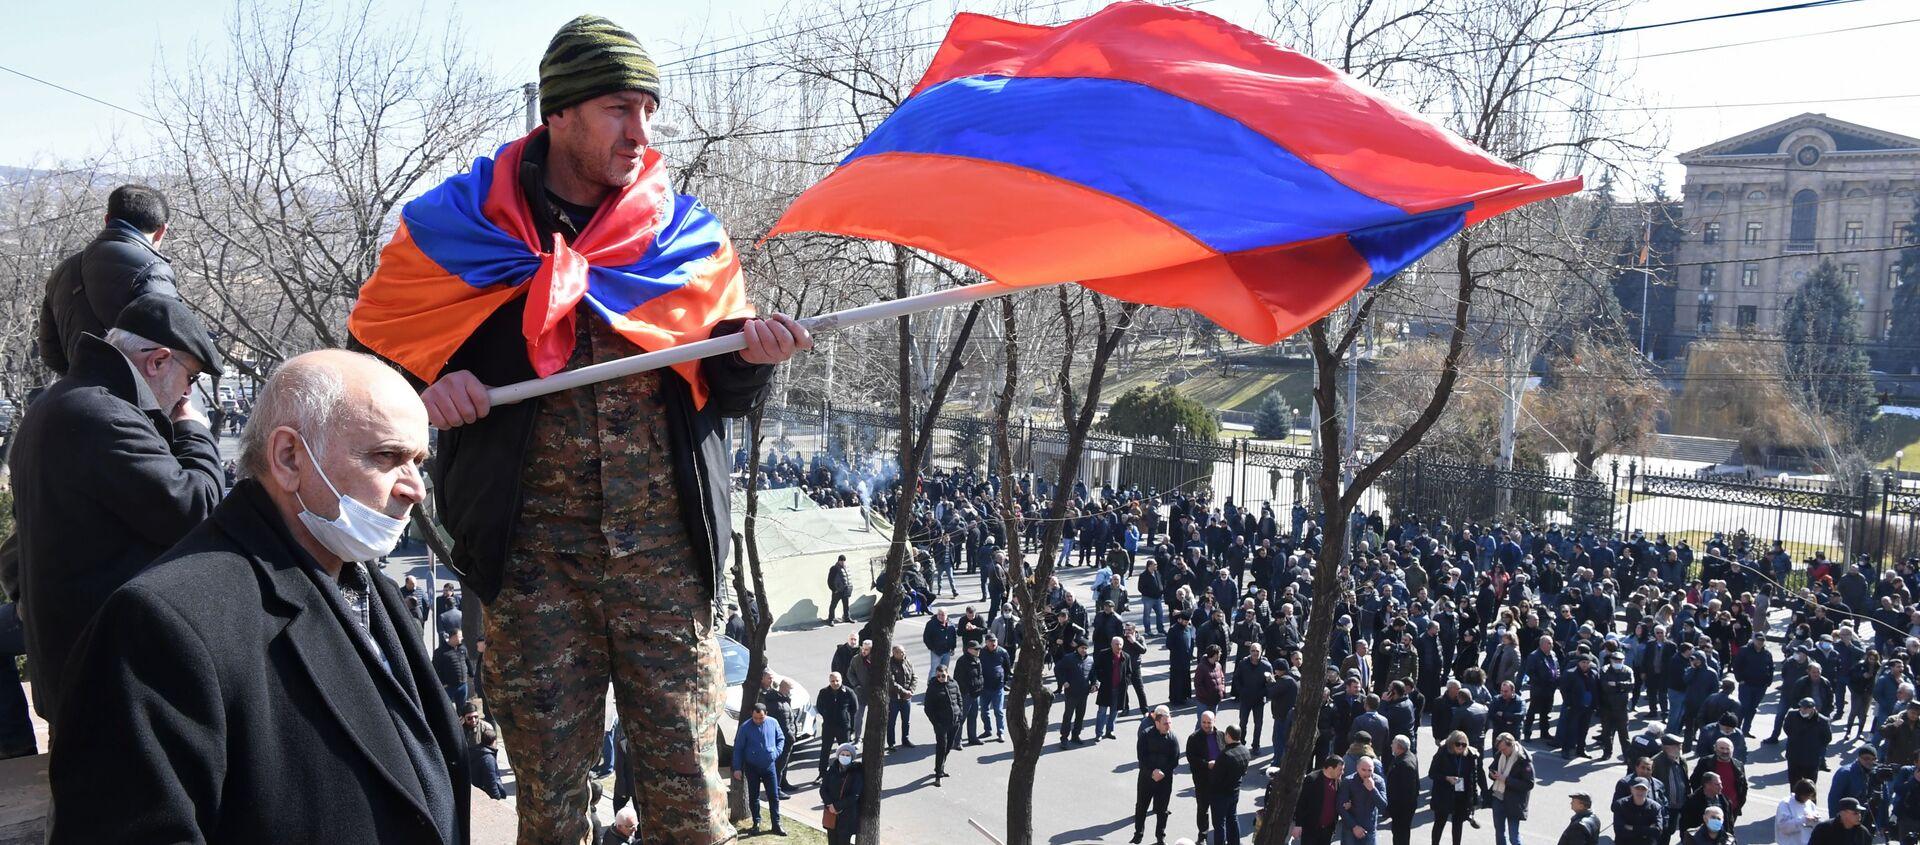 Corteo degli oppositori di Nikol Pashinyan a Yerevan - Sputnik Italia, 1920, 26.02.2021